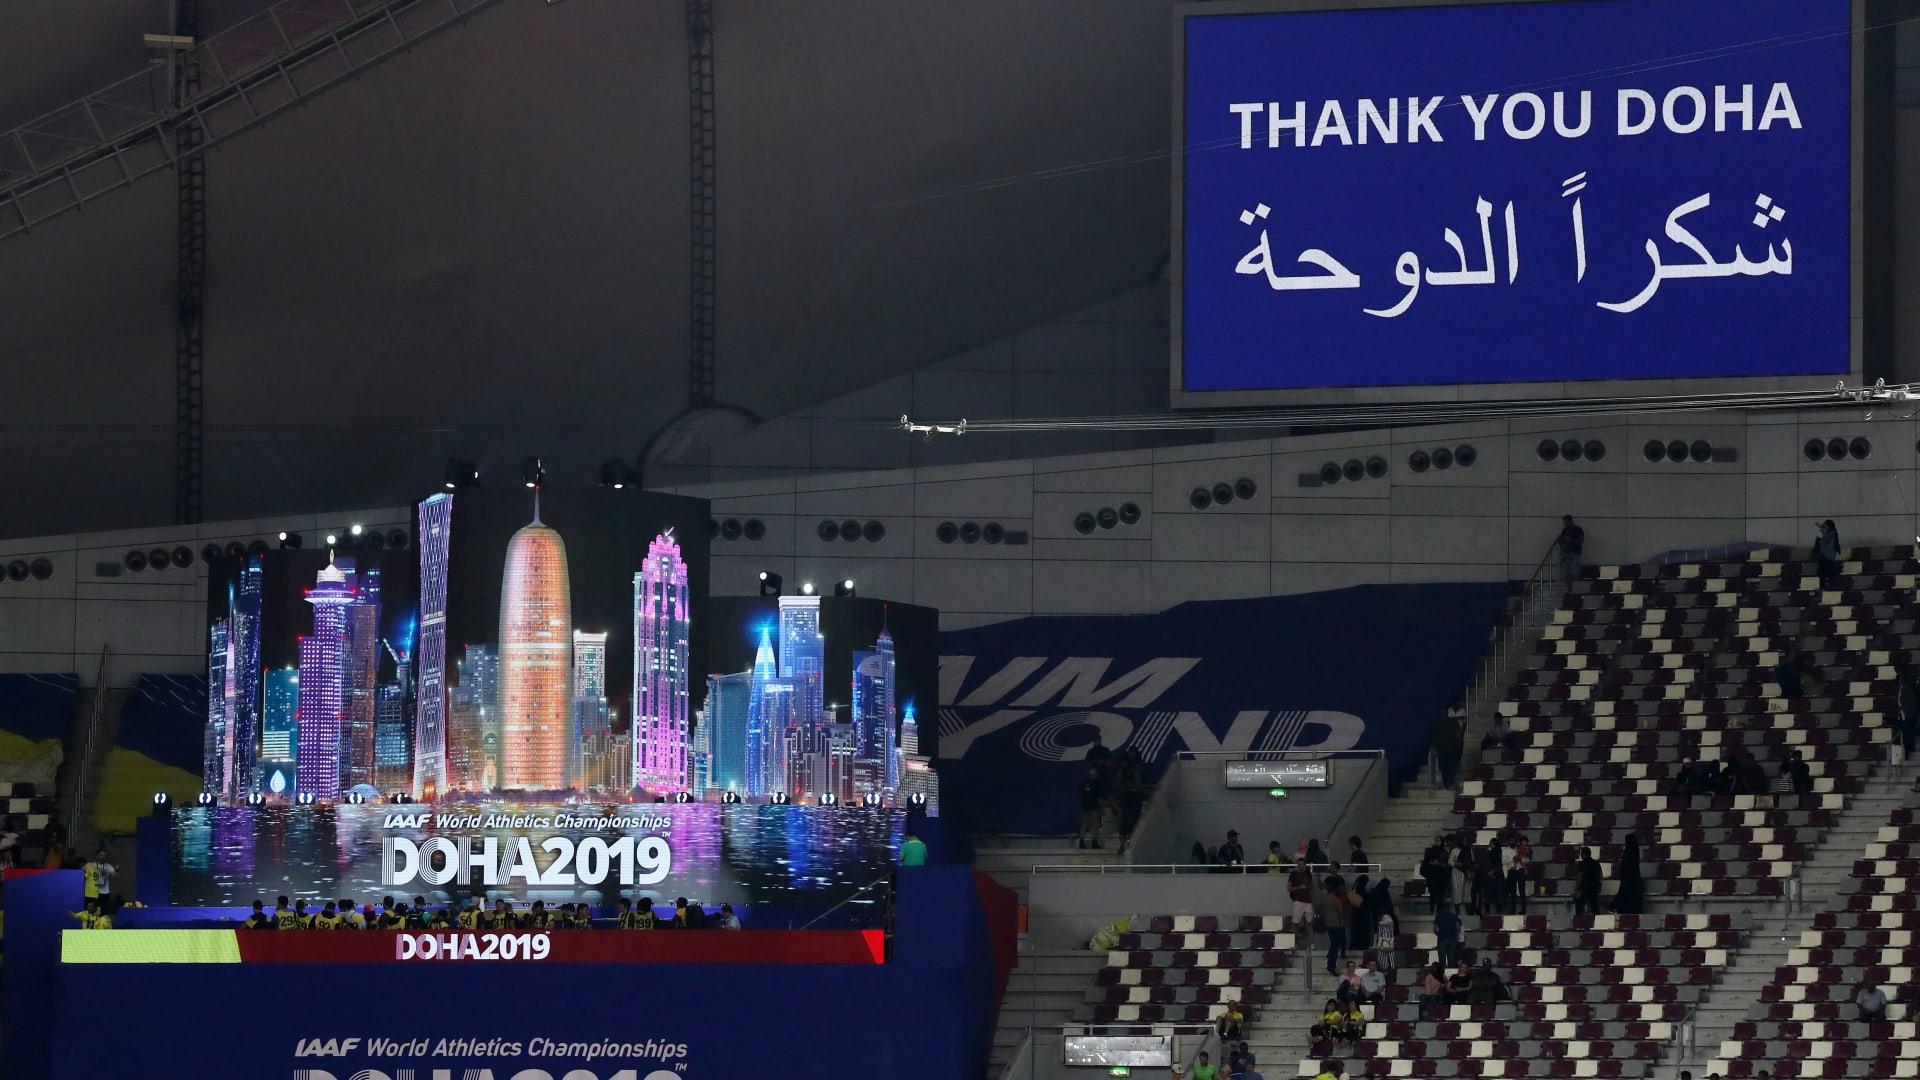 رغم صور المدرجات الخاوية.. جوعان بن حمد يكشف عدد الحضور في بطولة العالم لألعاب القوى